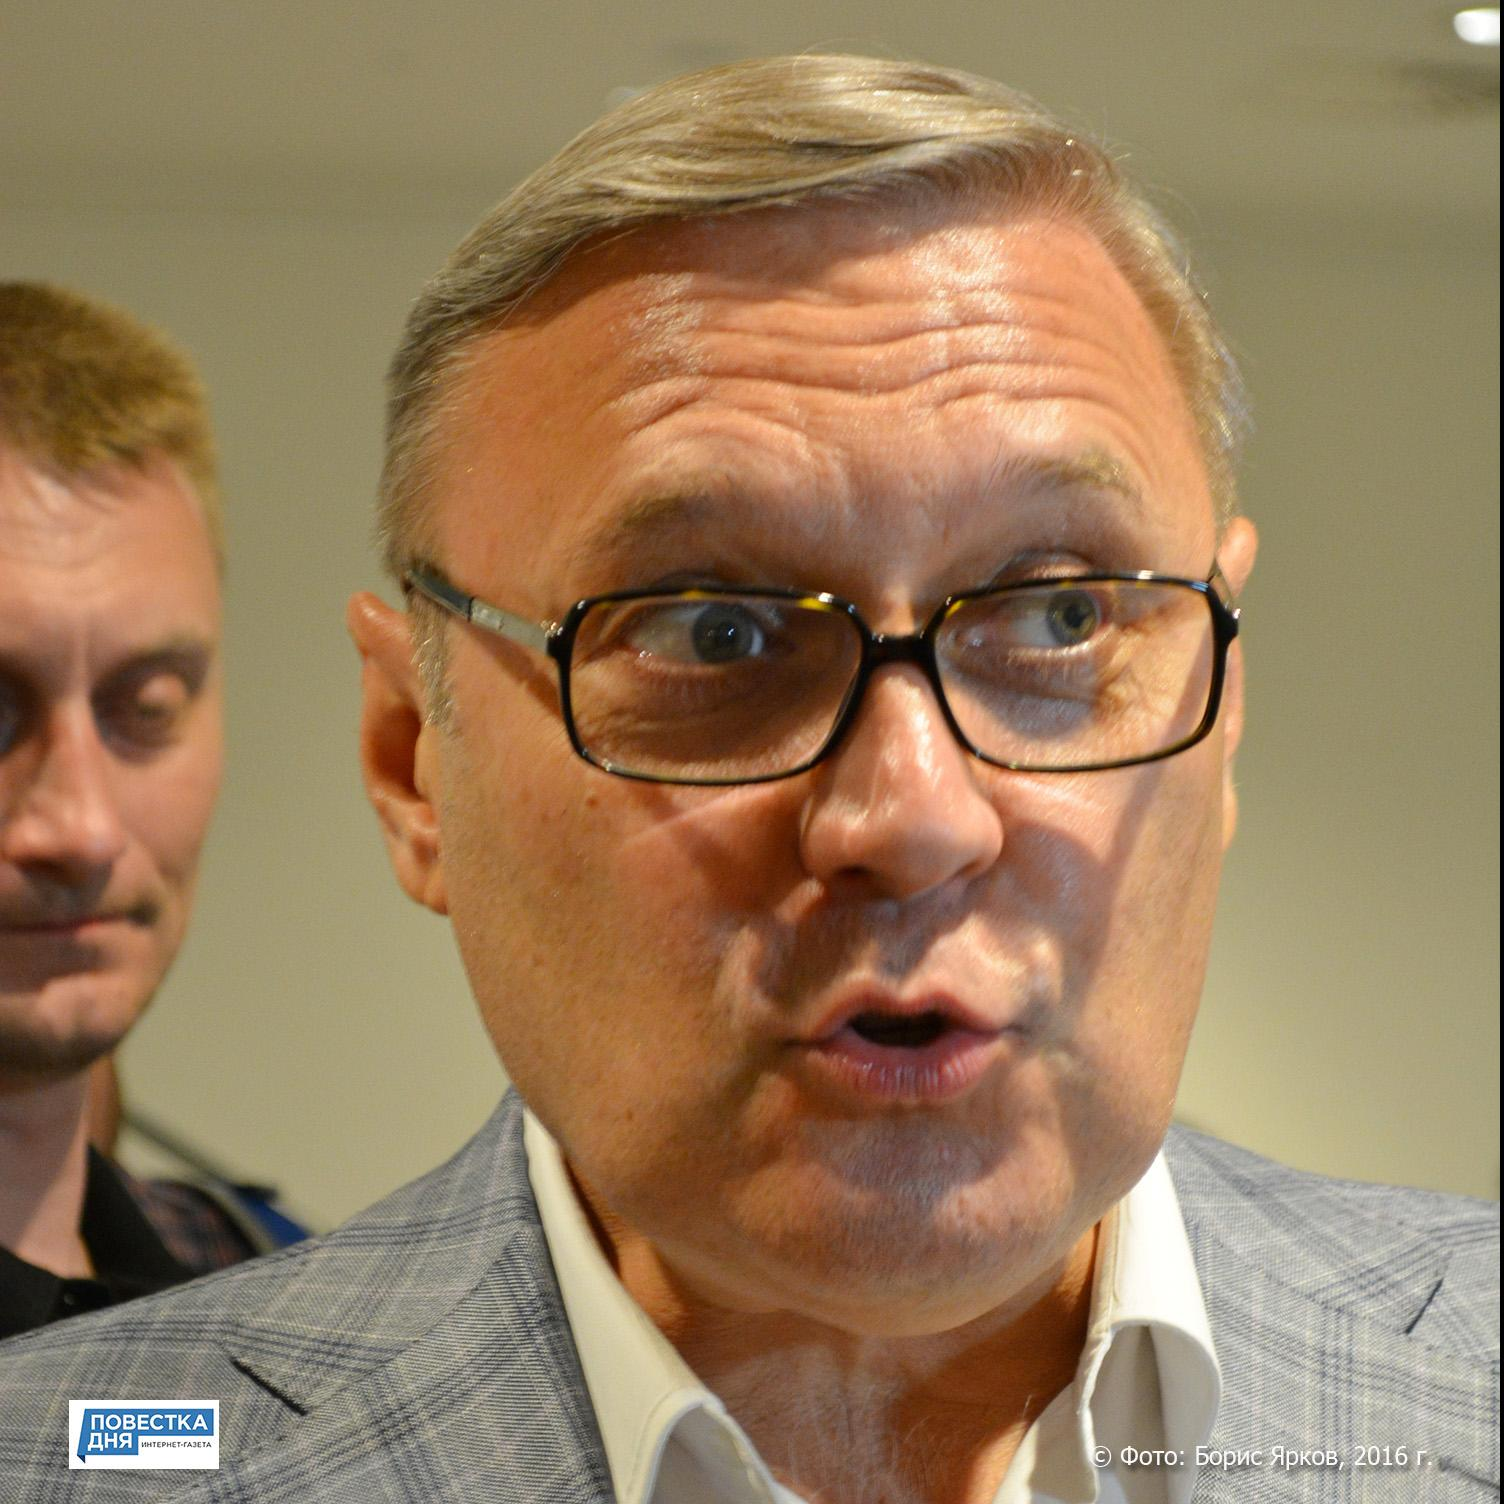 Касьянова призвали уйти вотставку из-за провала «Парнаса» навыборах